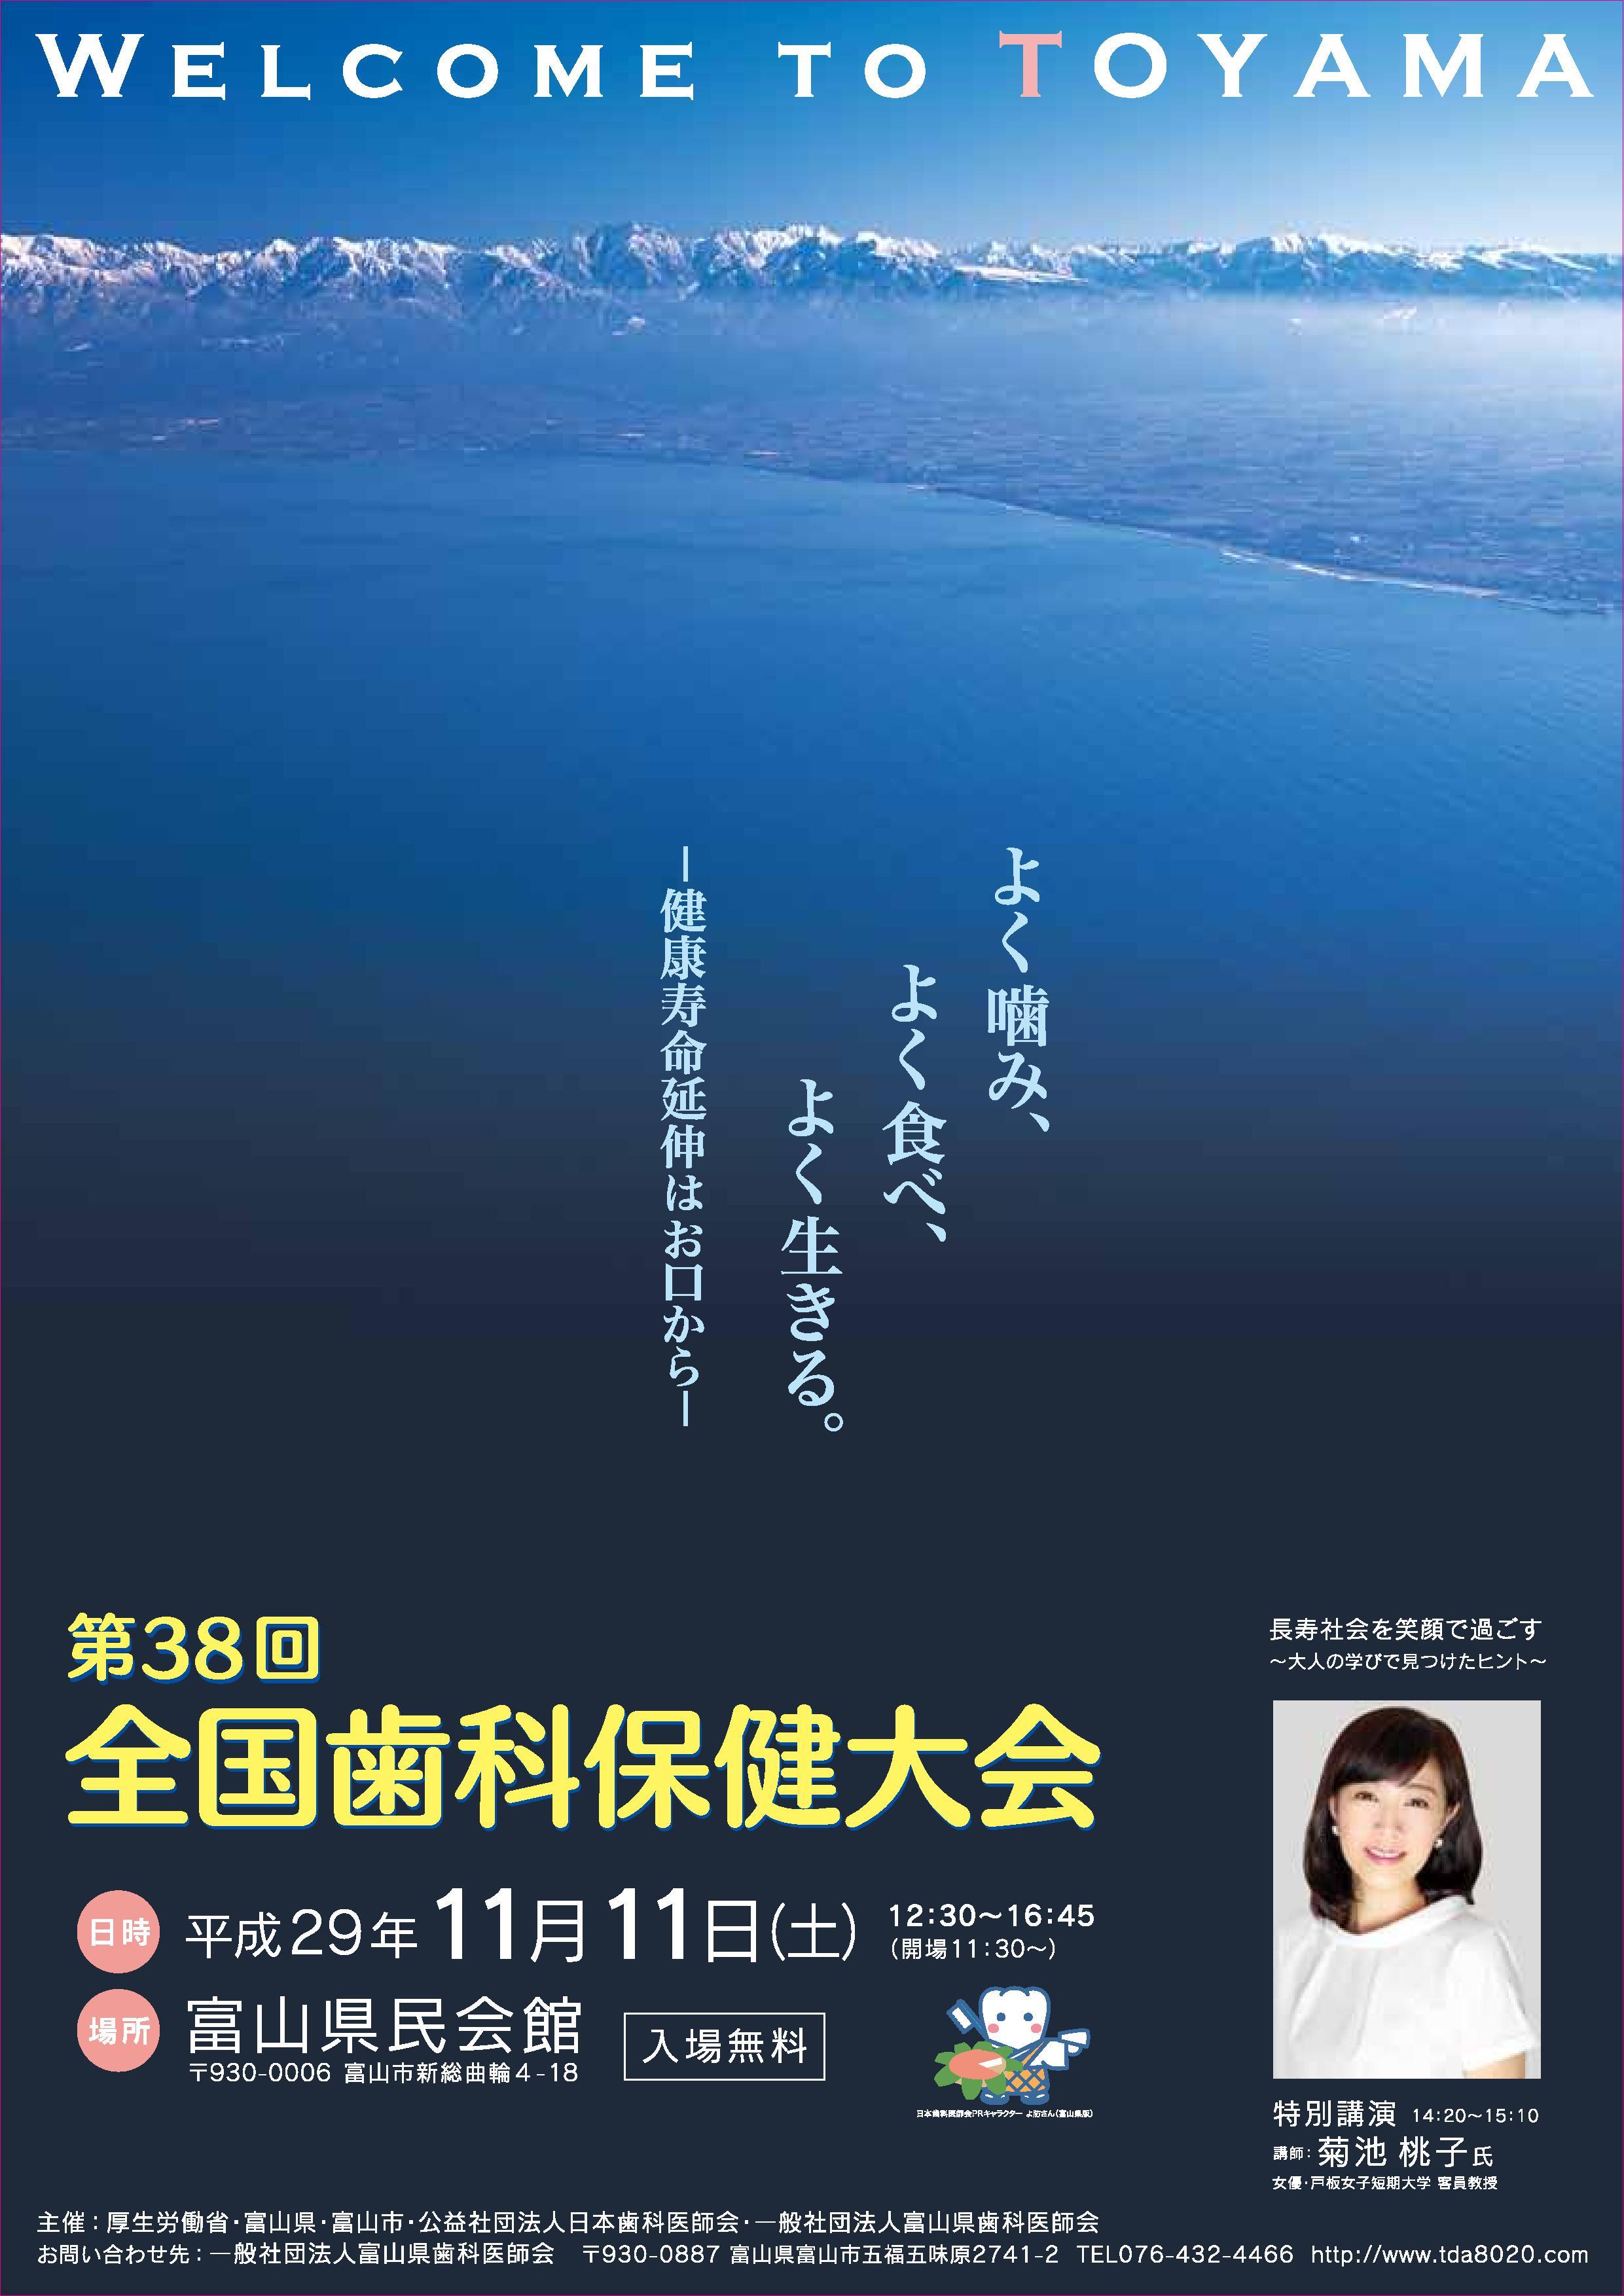 http://www.tda8020.com/news/38th_toyama3_1.jpg